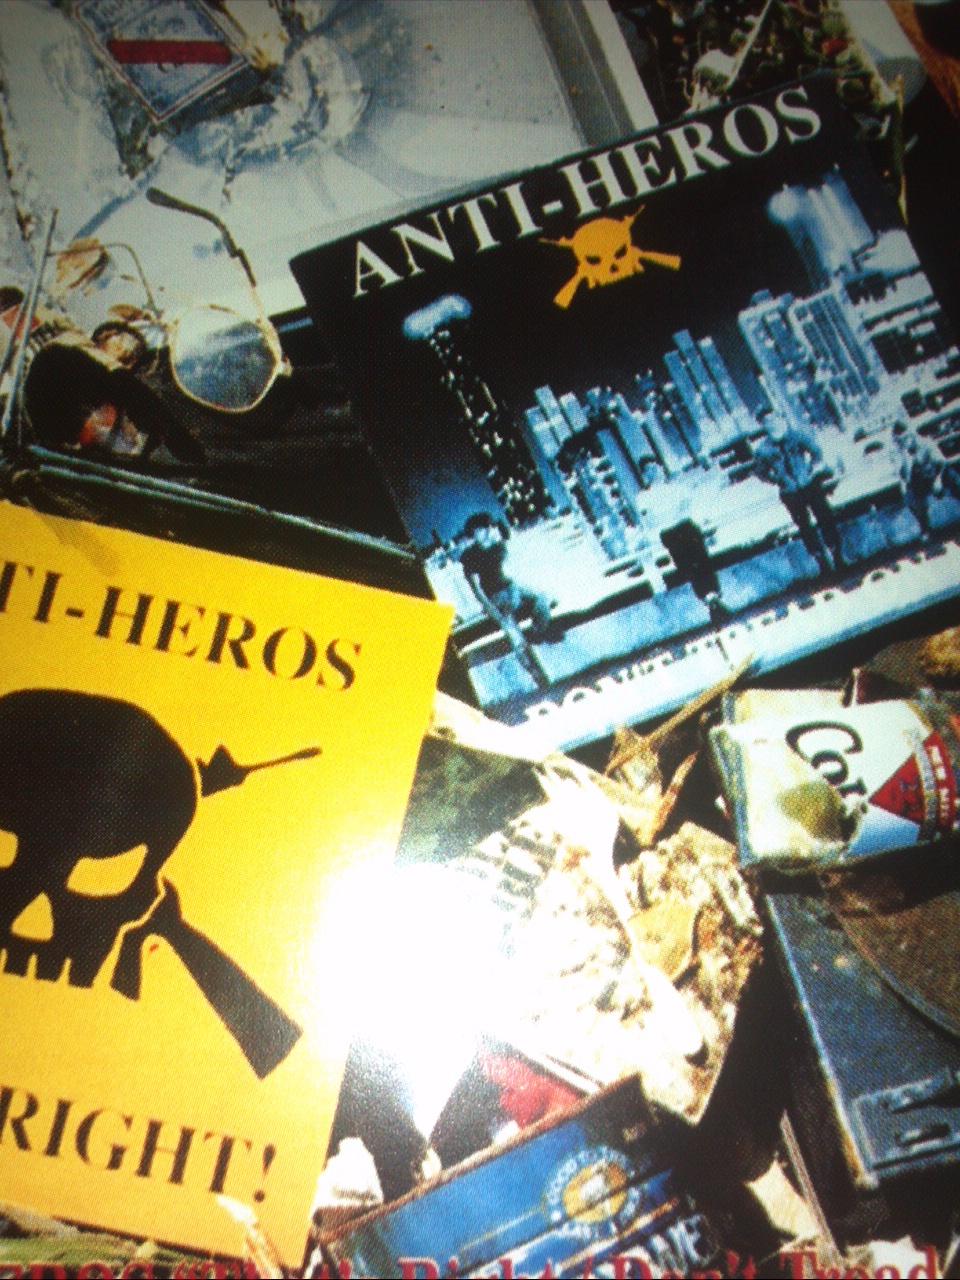 ANTI HEROES